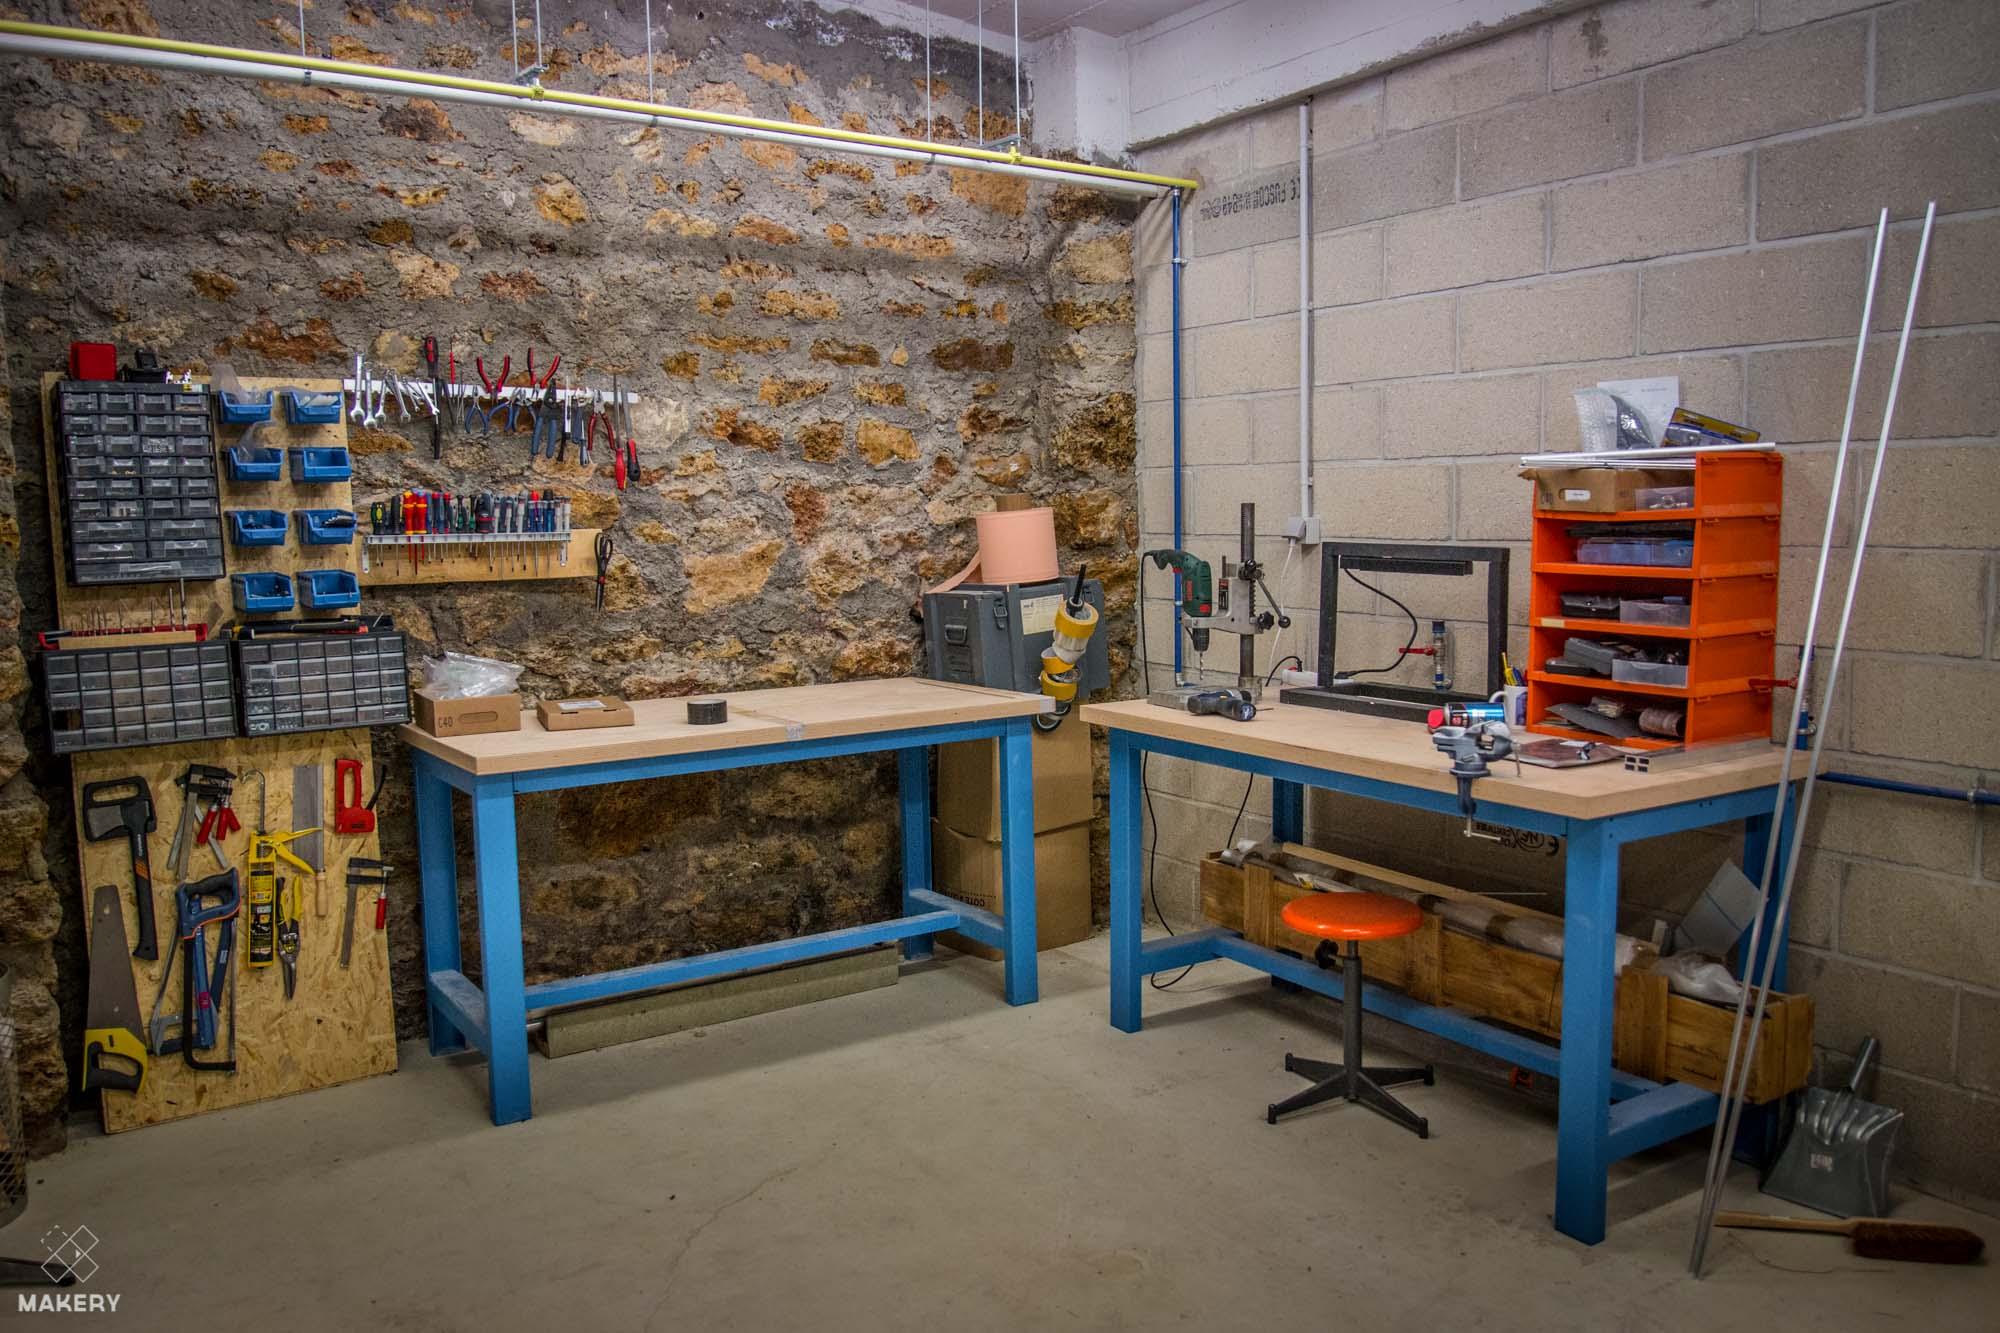 Les arts cod s la coloc des artisans num riques makery for Garage citroen pantin atelier